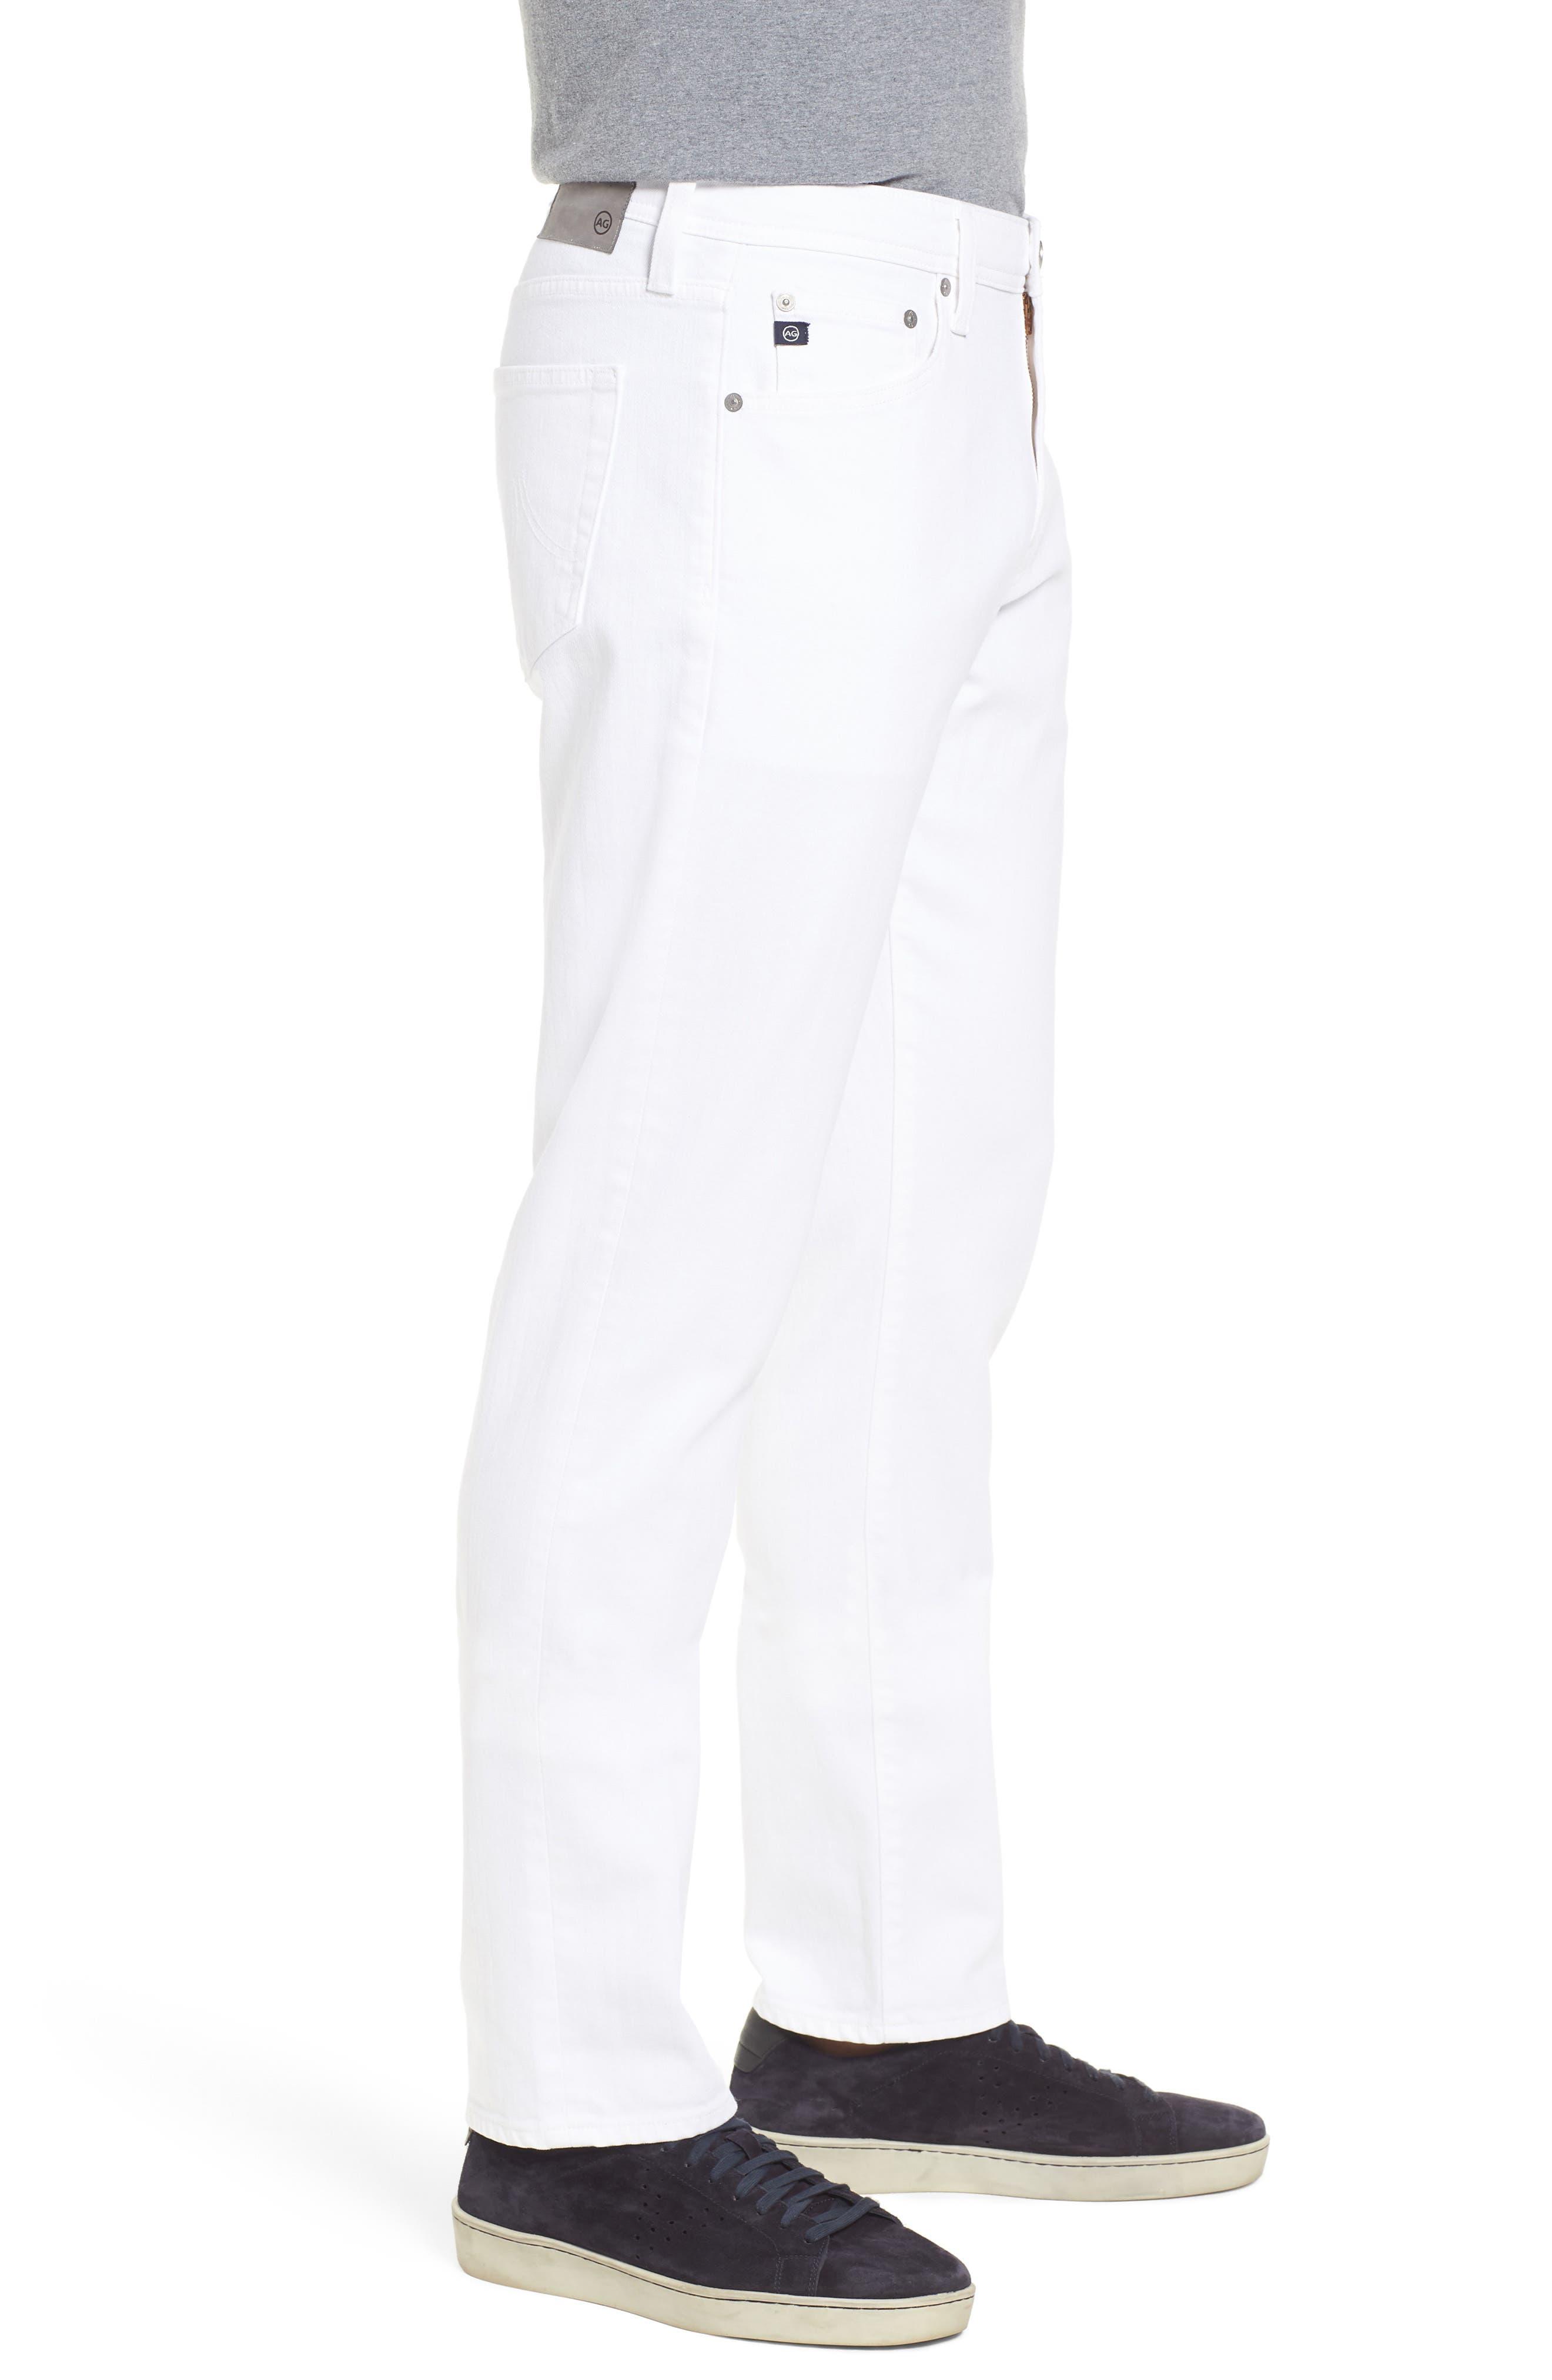 Everett Slim Straight Leg Jeans,                             Alternate thumbnail 3, color,                             White